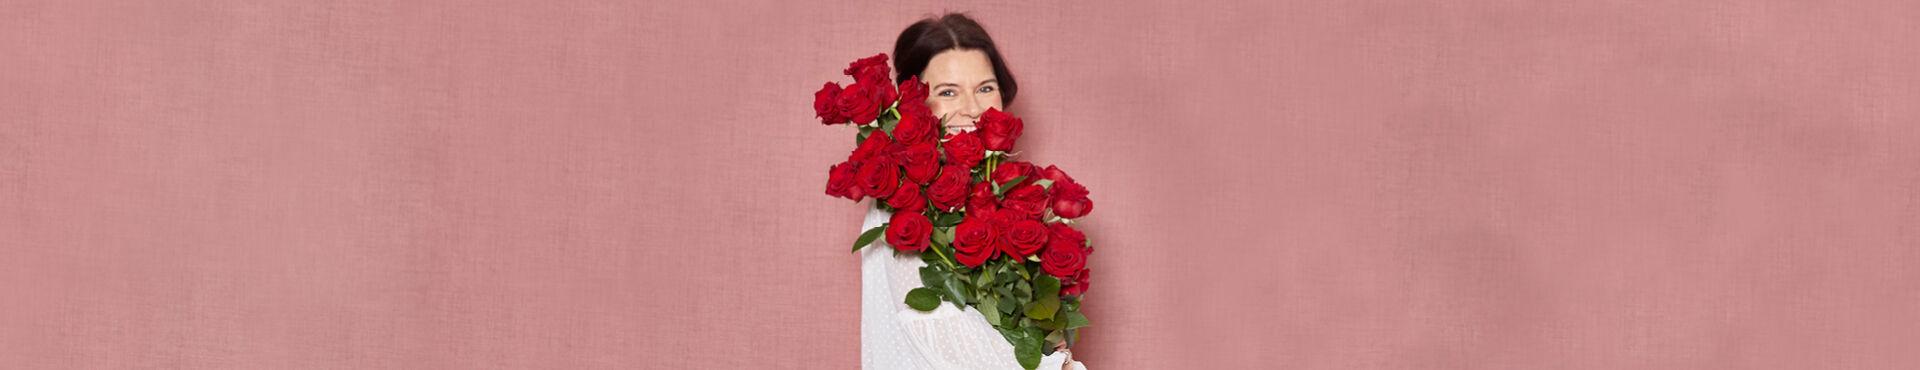 Wat als… je jouw Valentijnsbloemen voor altijd wil bewaren?